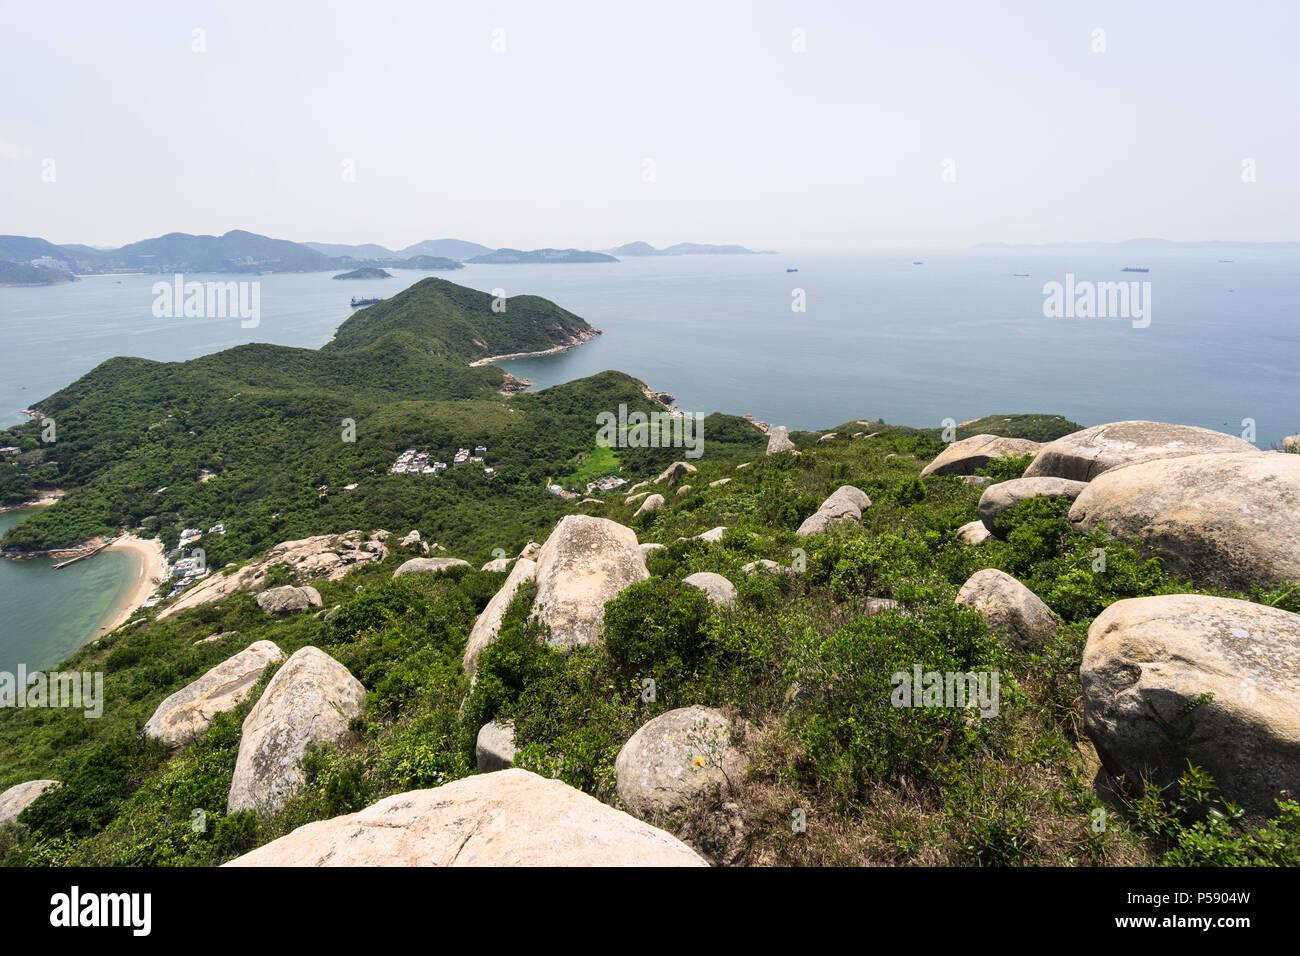 Impresionantes vistas de la escarpada costa de la isla de Lamma con la isla de Hong Kong en el fondo de la RAE de Hong Kong, China Imagen De Stock